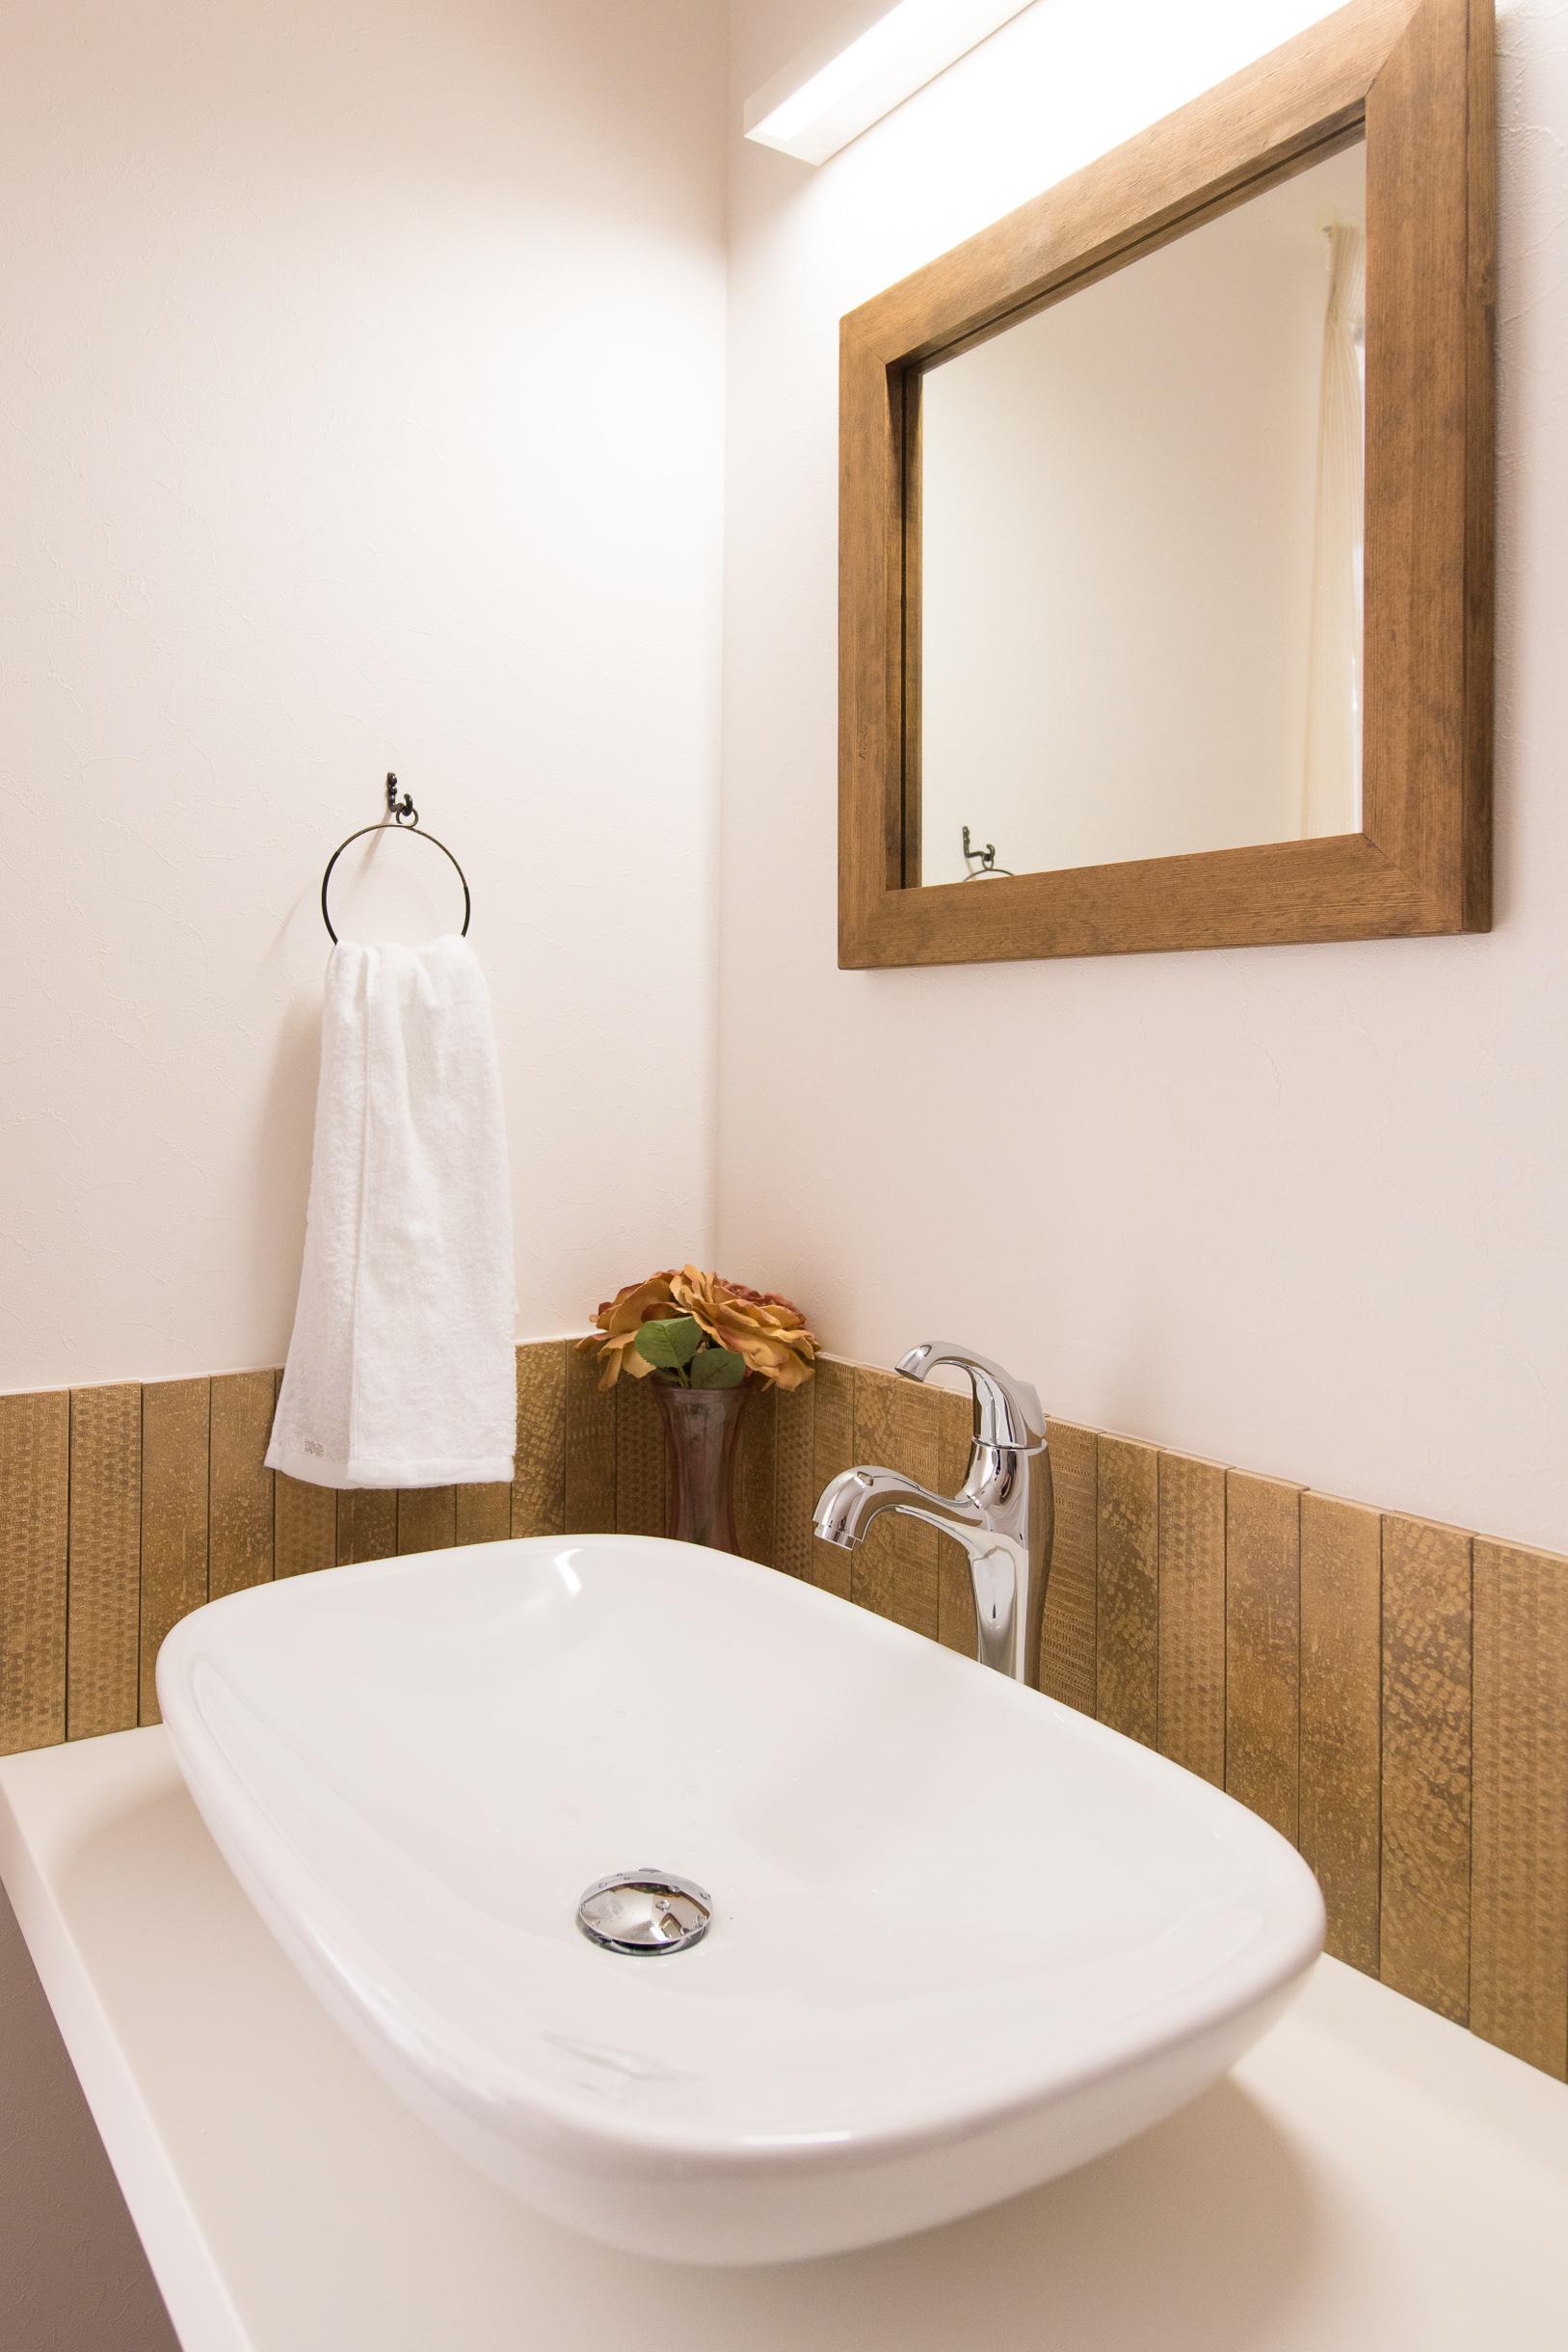 福山市の注文住宅|今井住建の施工事例ギャラリー「憧れの造作洗面に」